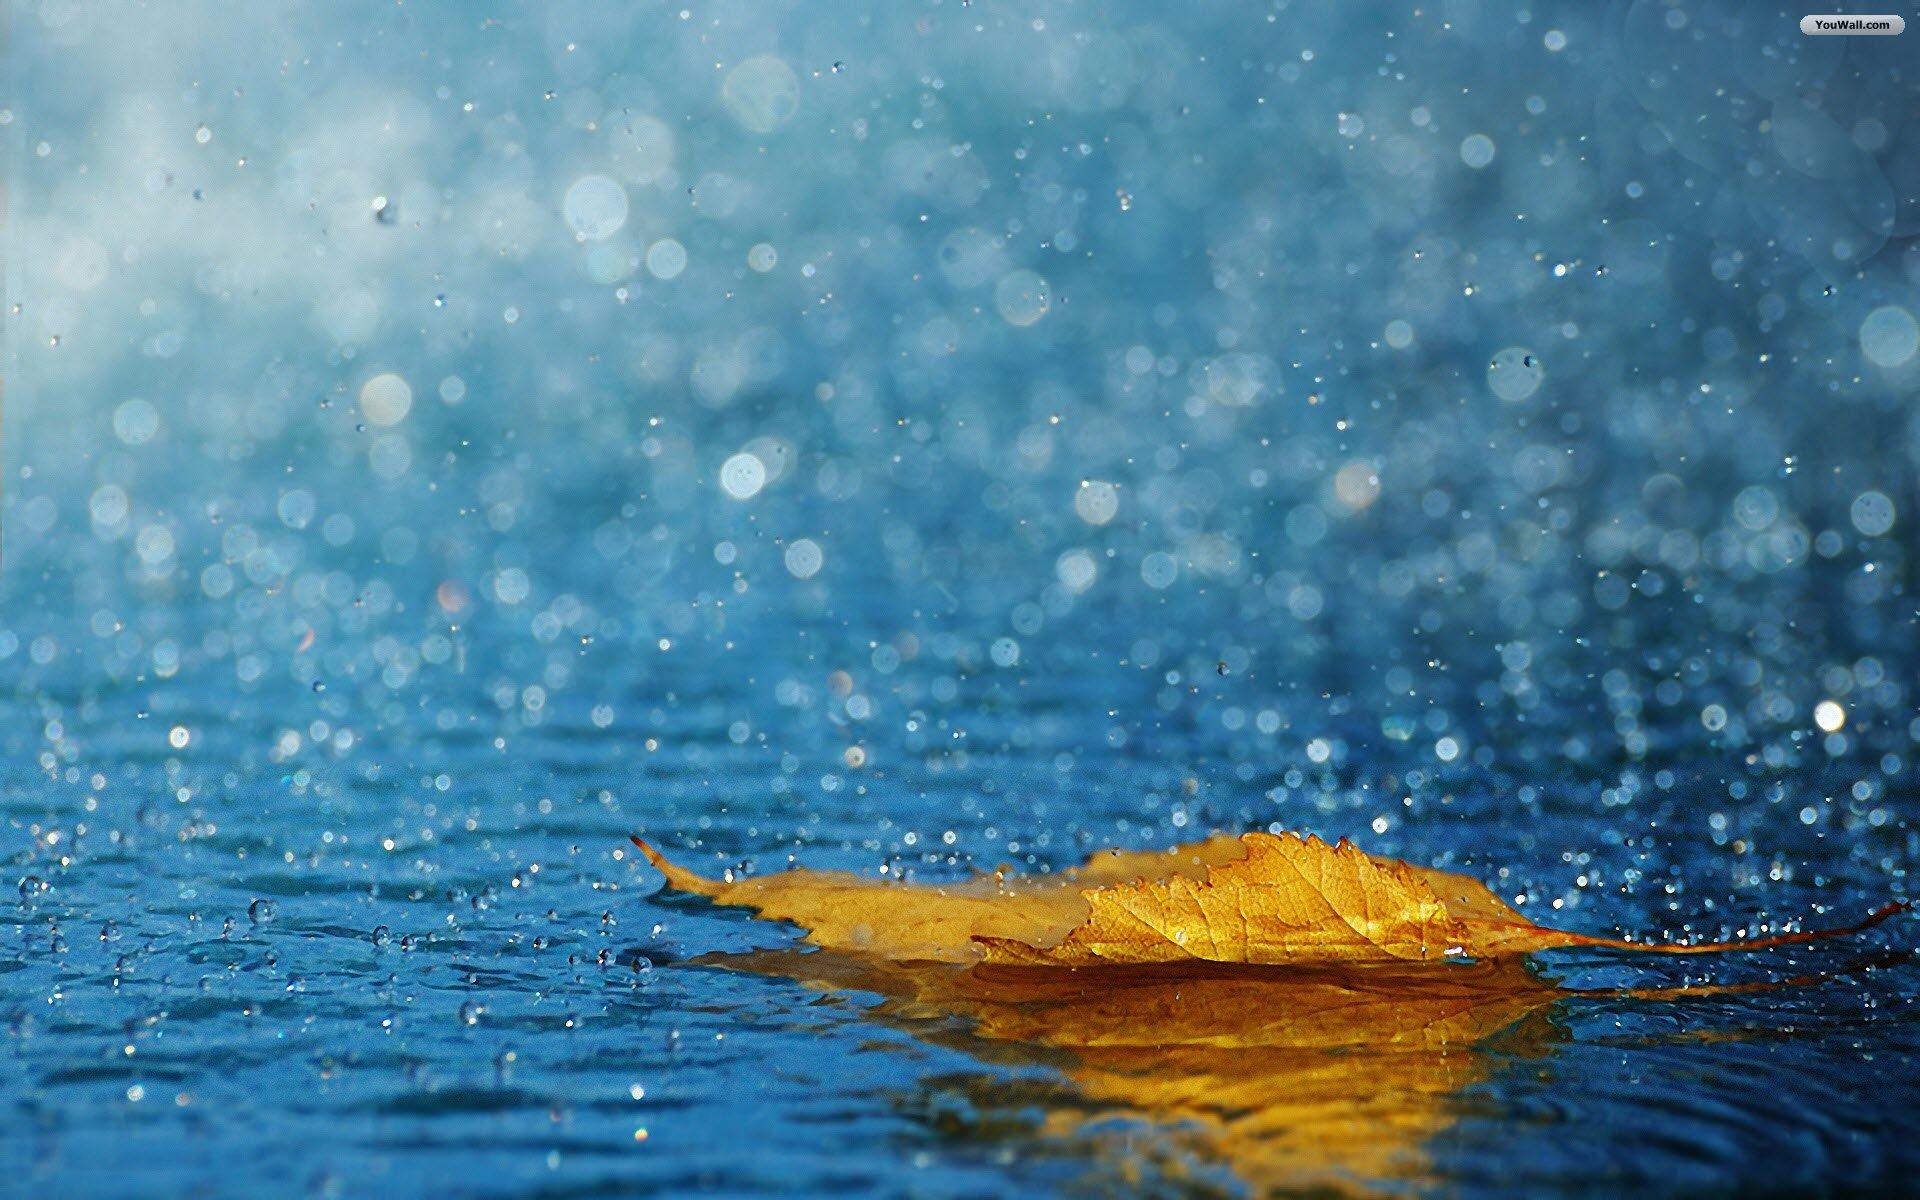 45+] 4K Rain Wallpaper on WallpaperSafari